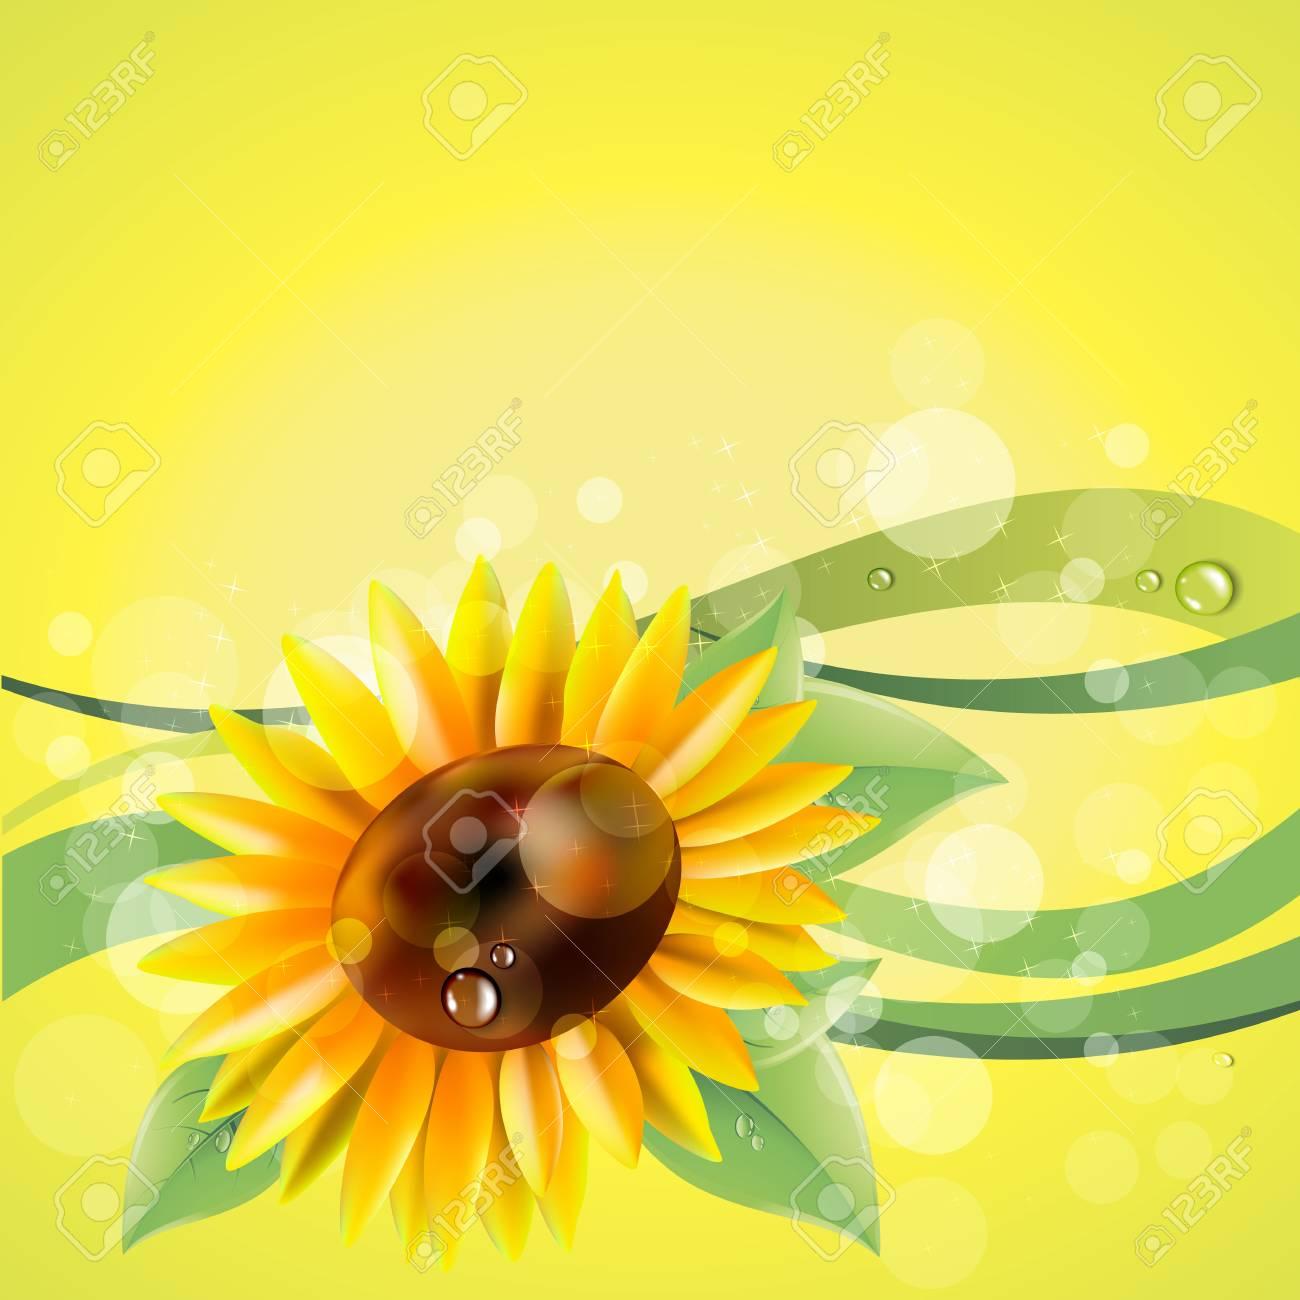 花黄色夏庭ひまわりイラストのイラスト素材ベクタ Image 73745814